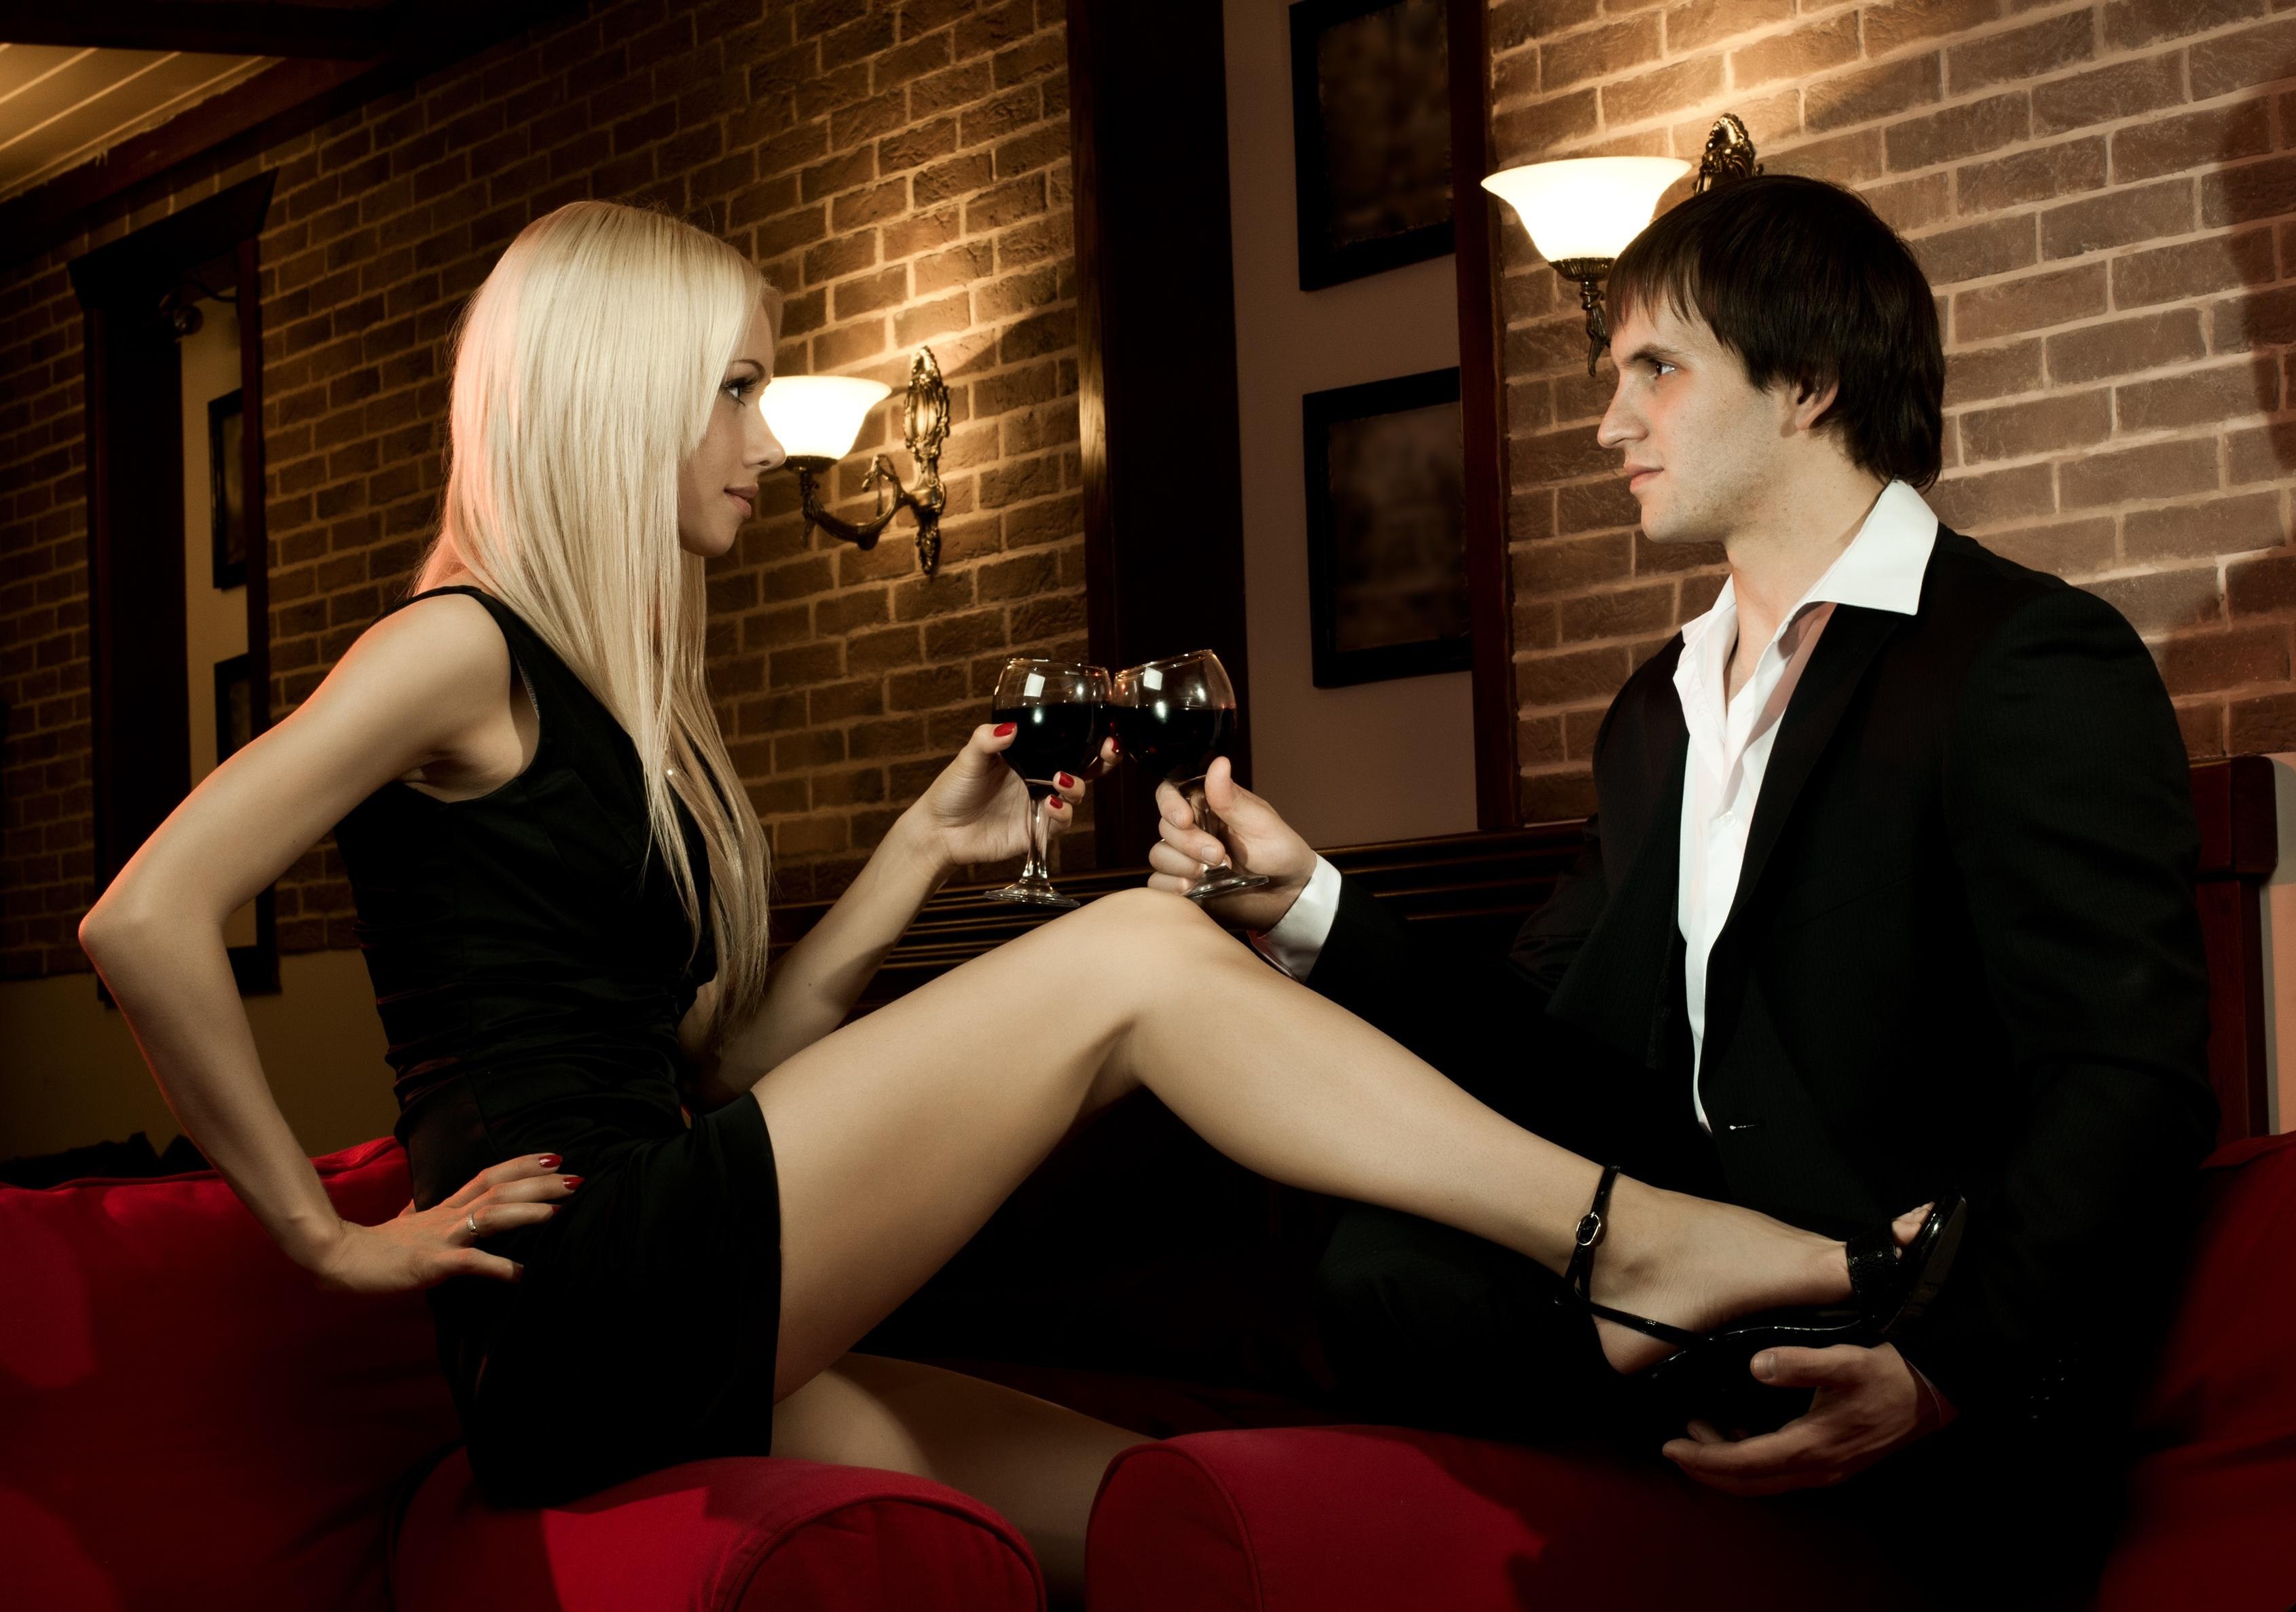 Сексуальный романтический вечер 21 фотография